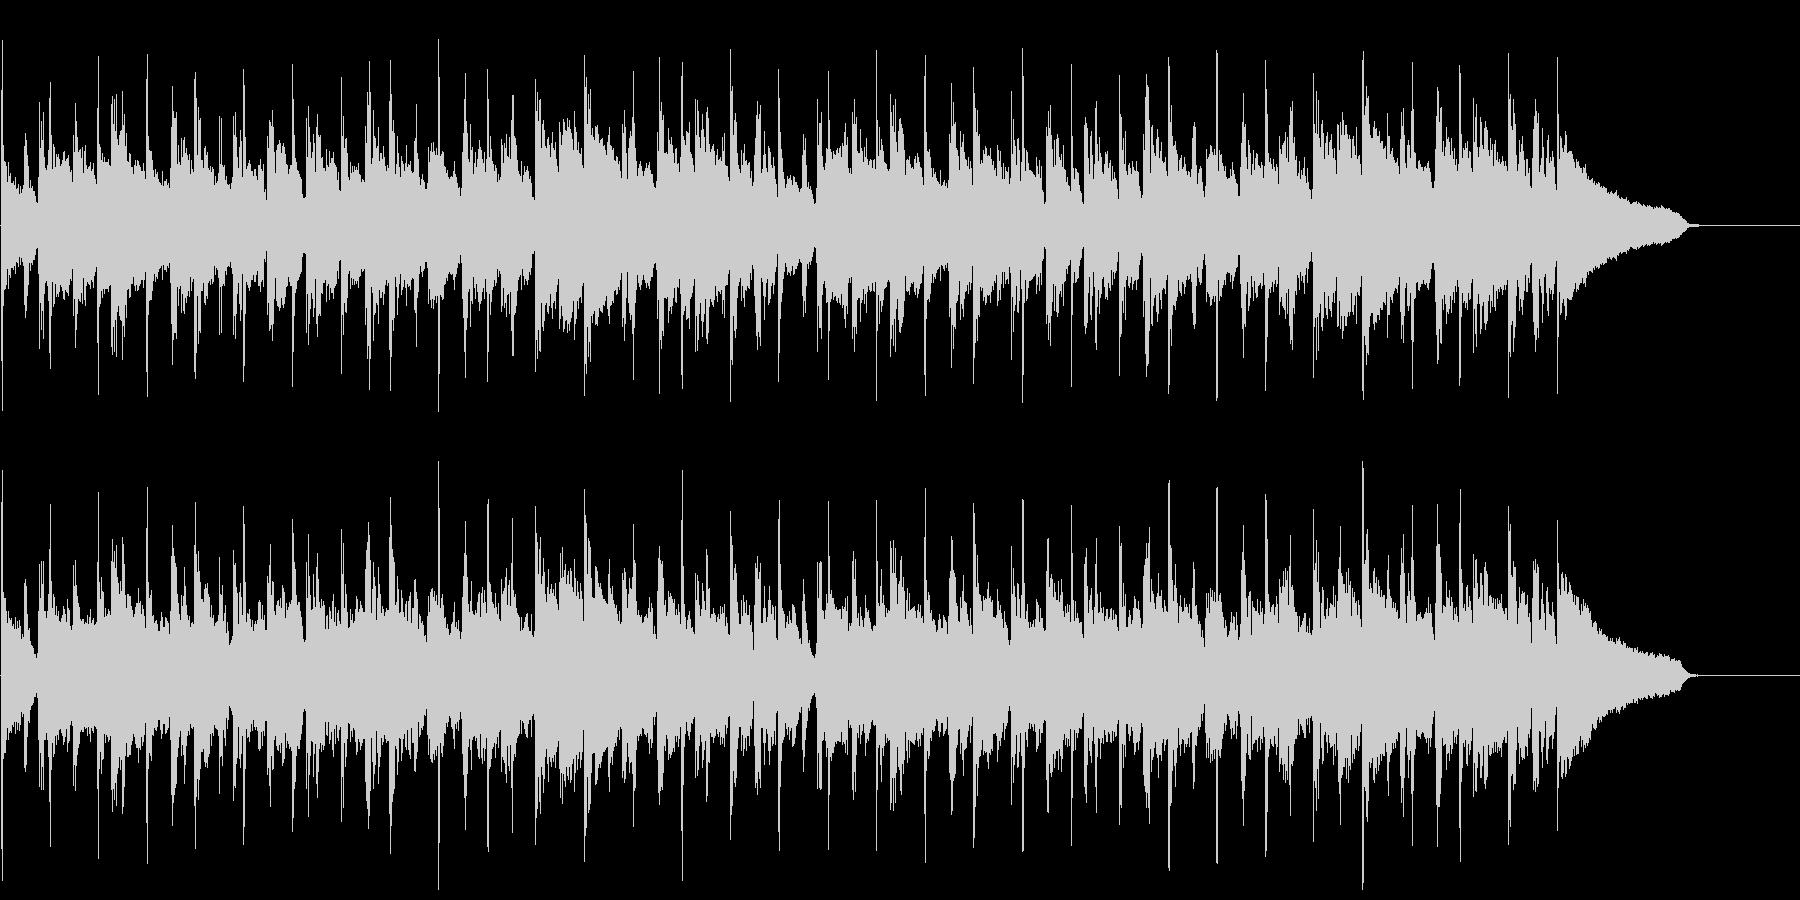 動画広告 30秒 ベル ギターA 楽しいの未再生の波形